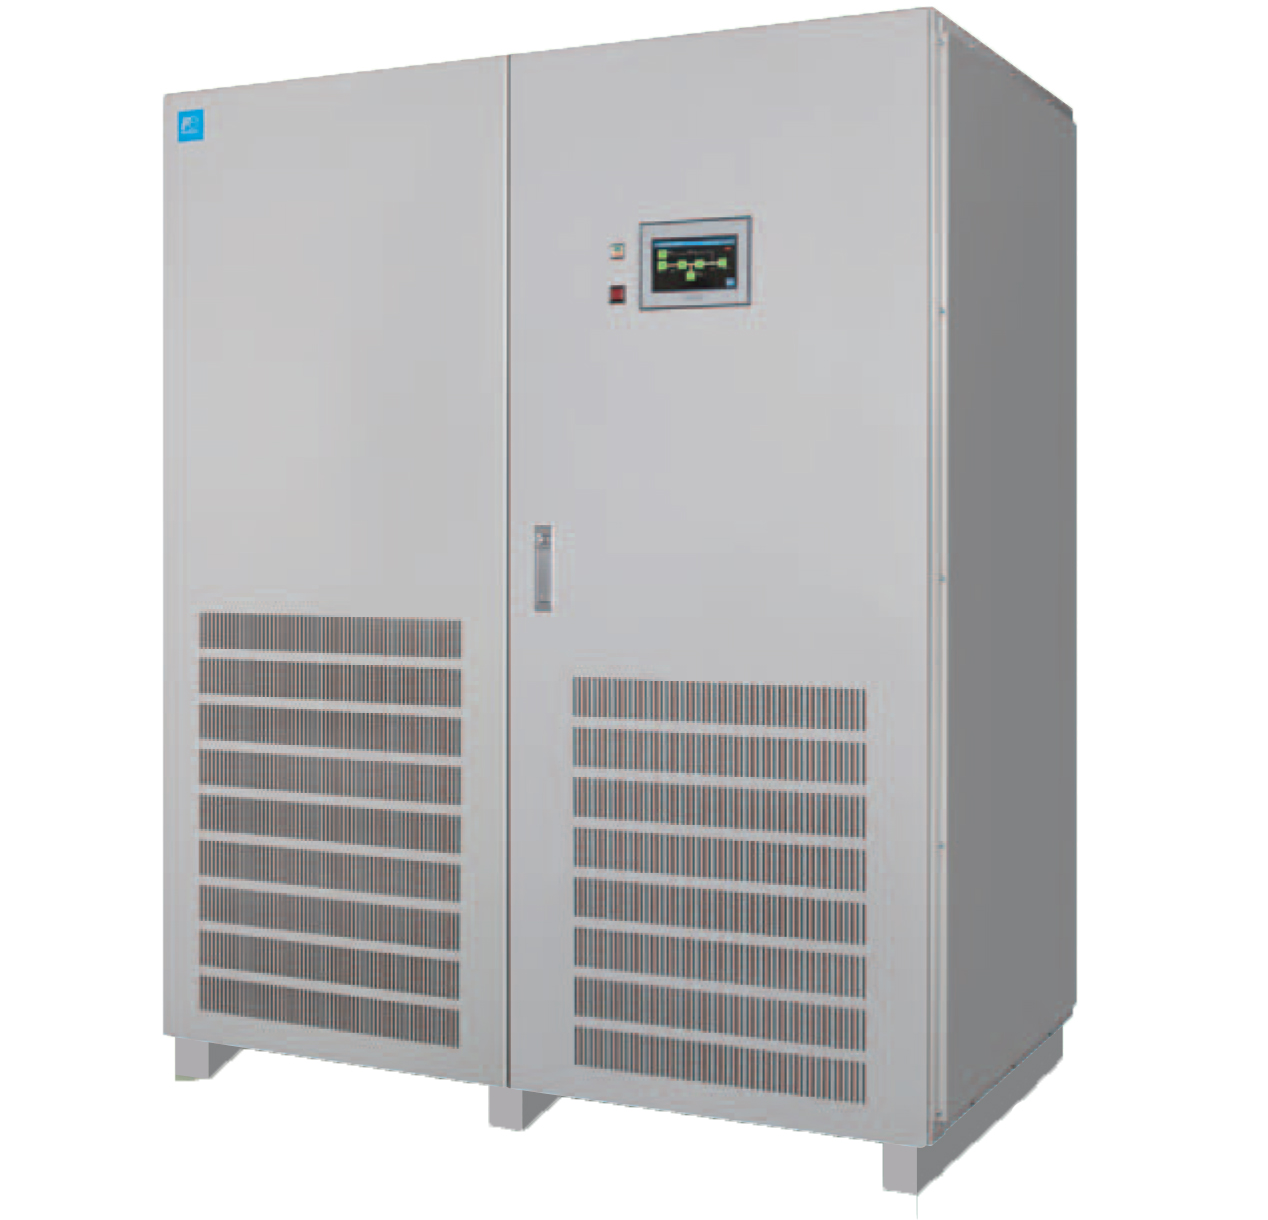 UPS7000HX-T4E (300-500kVA)